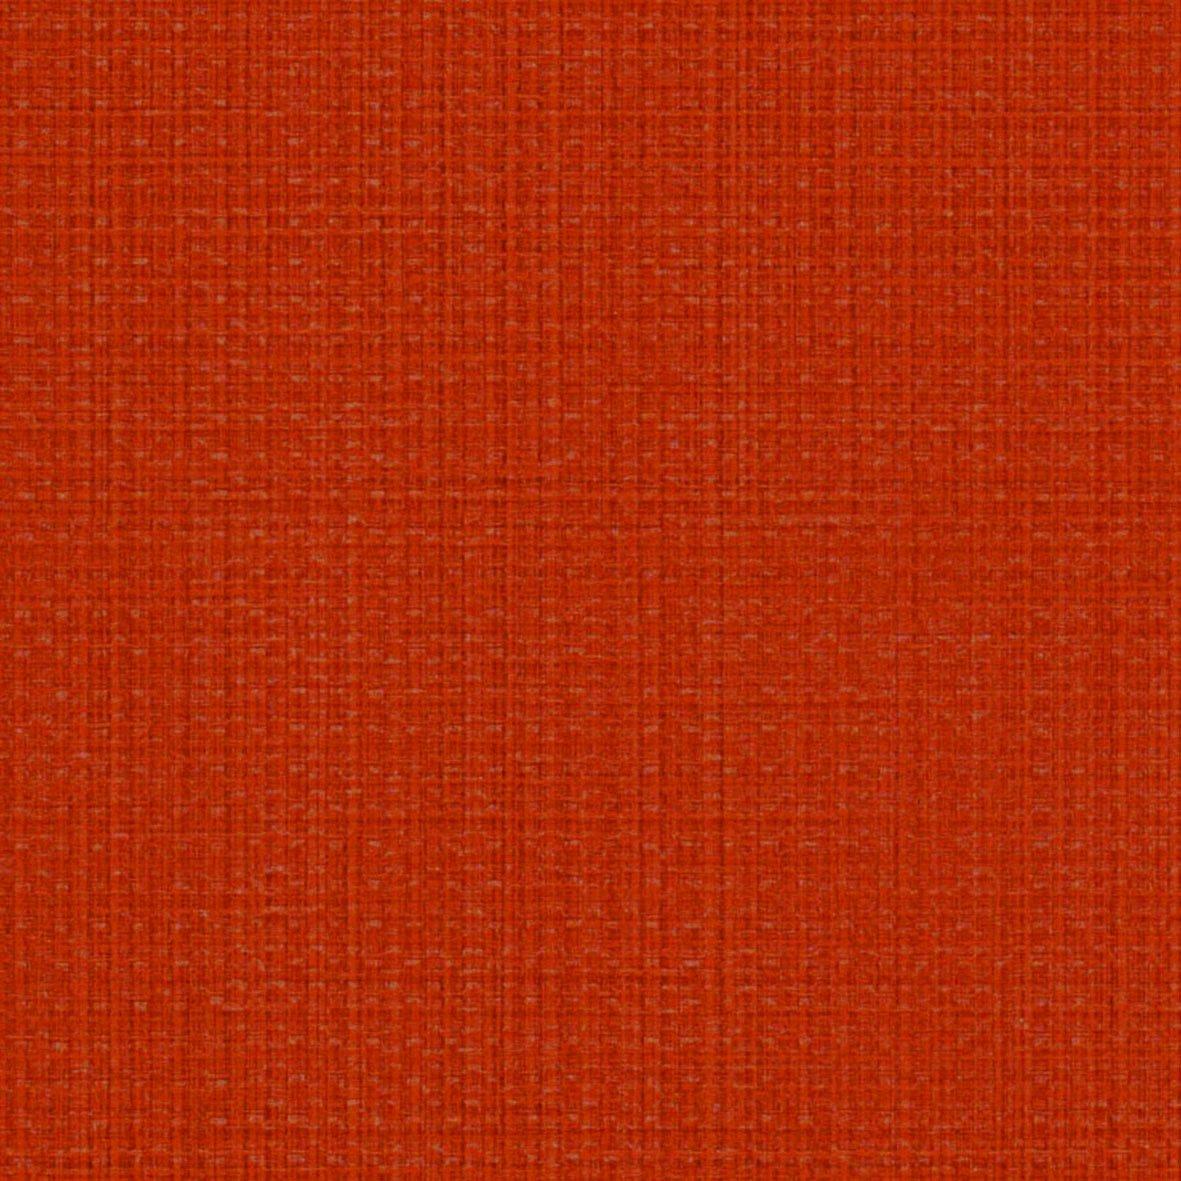 リリカラ 壁紙21m ナチュラル 織物調 オレンジ LL-8763 B01N8PD96Q 21m|オレンジ